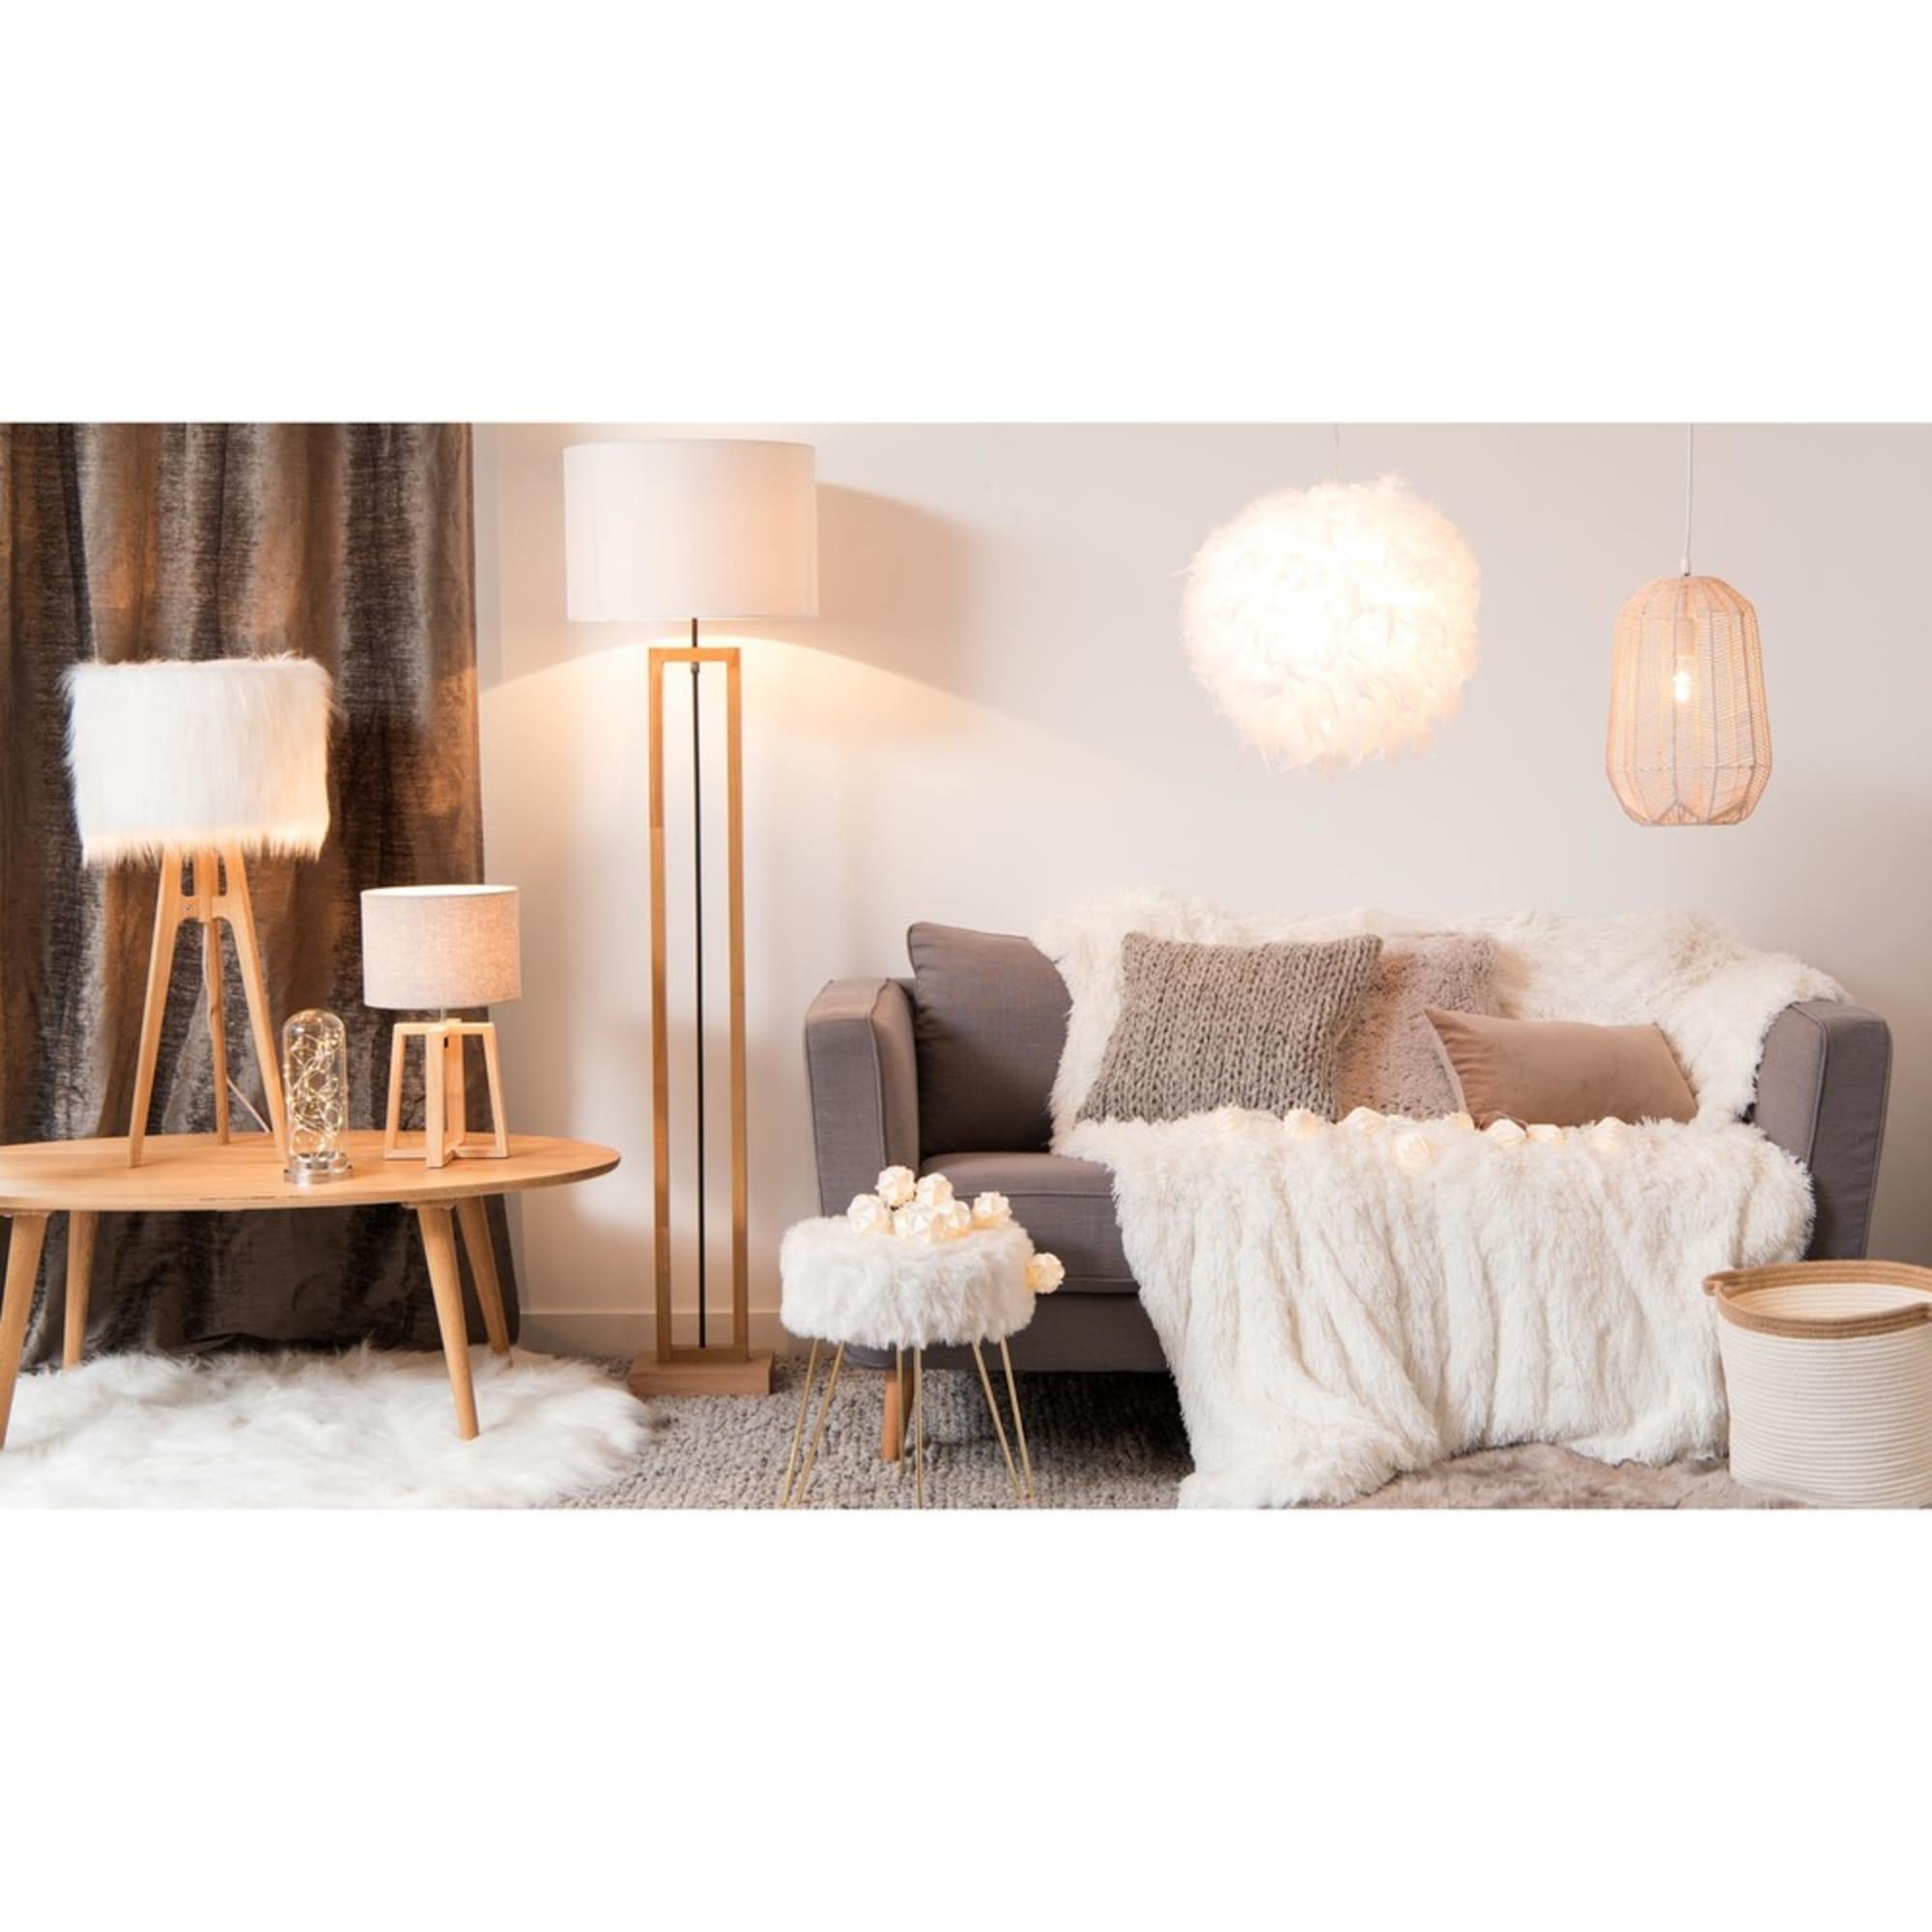 Luminaire Maison du monde - Grand choix de lampadaires